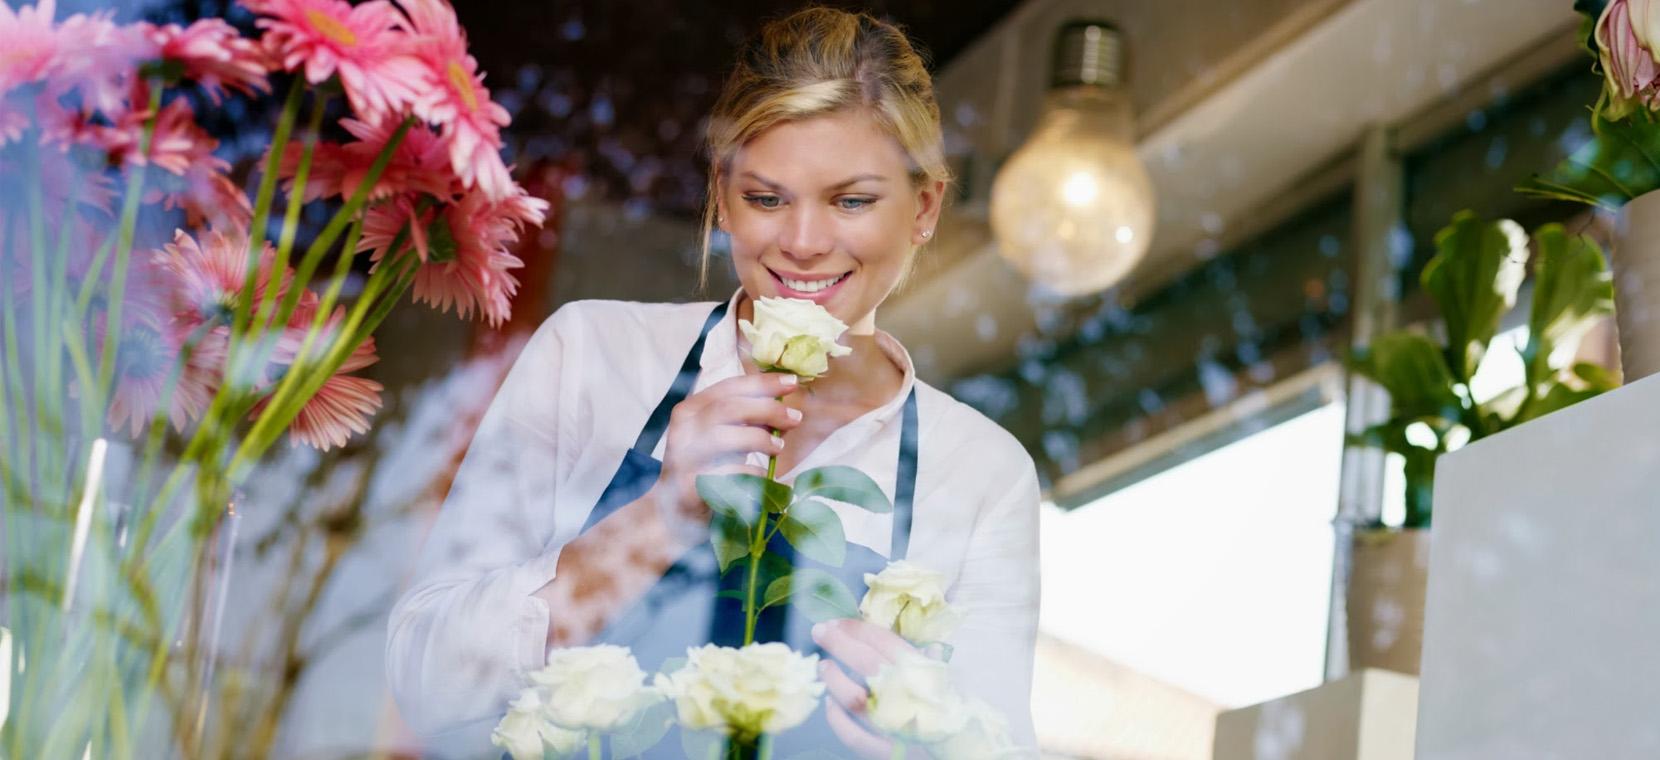 groothandel-verse-bloemen